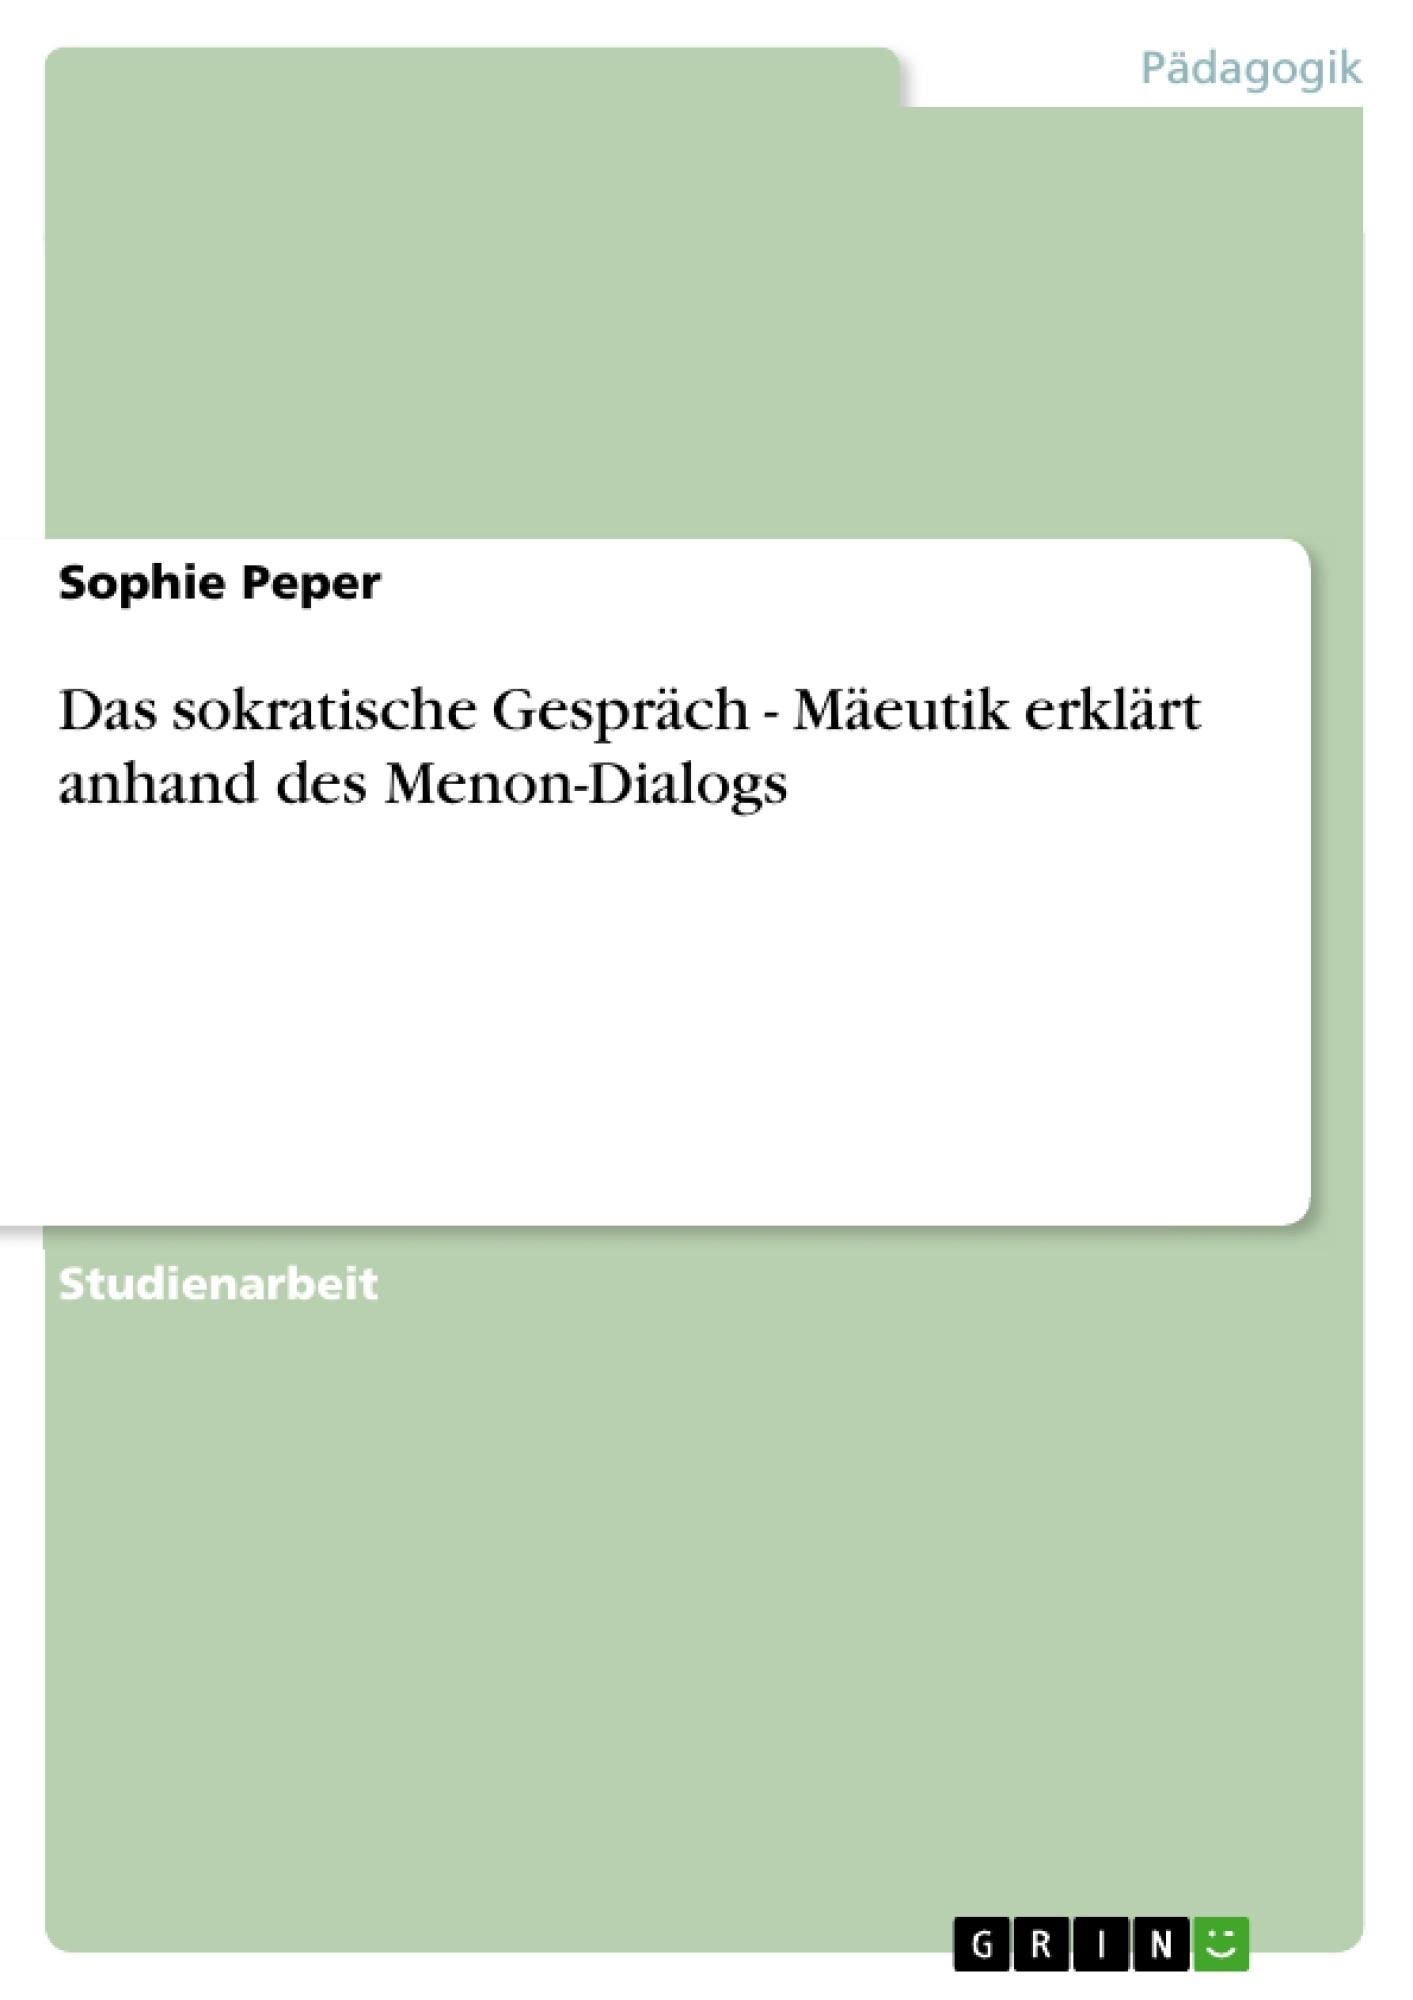 Titel: Das sokratische Gespräch - Mäeutik erklärt anhand des Menon-Dialogs